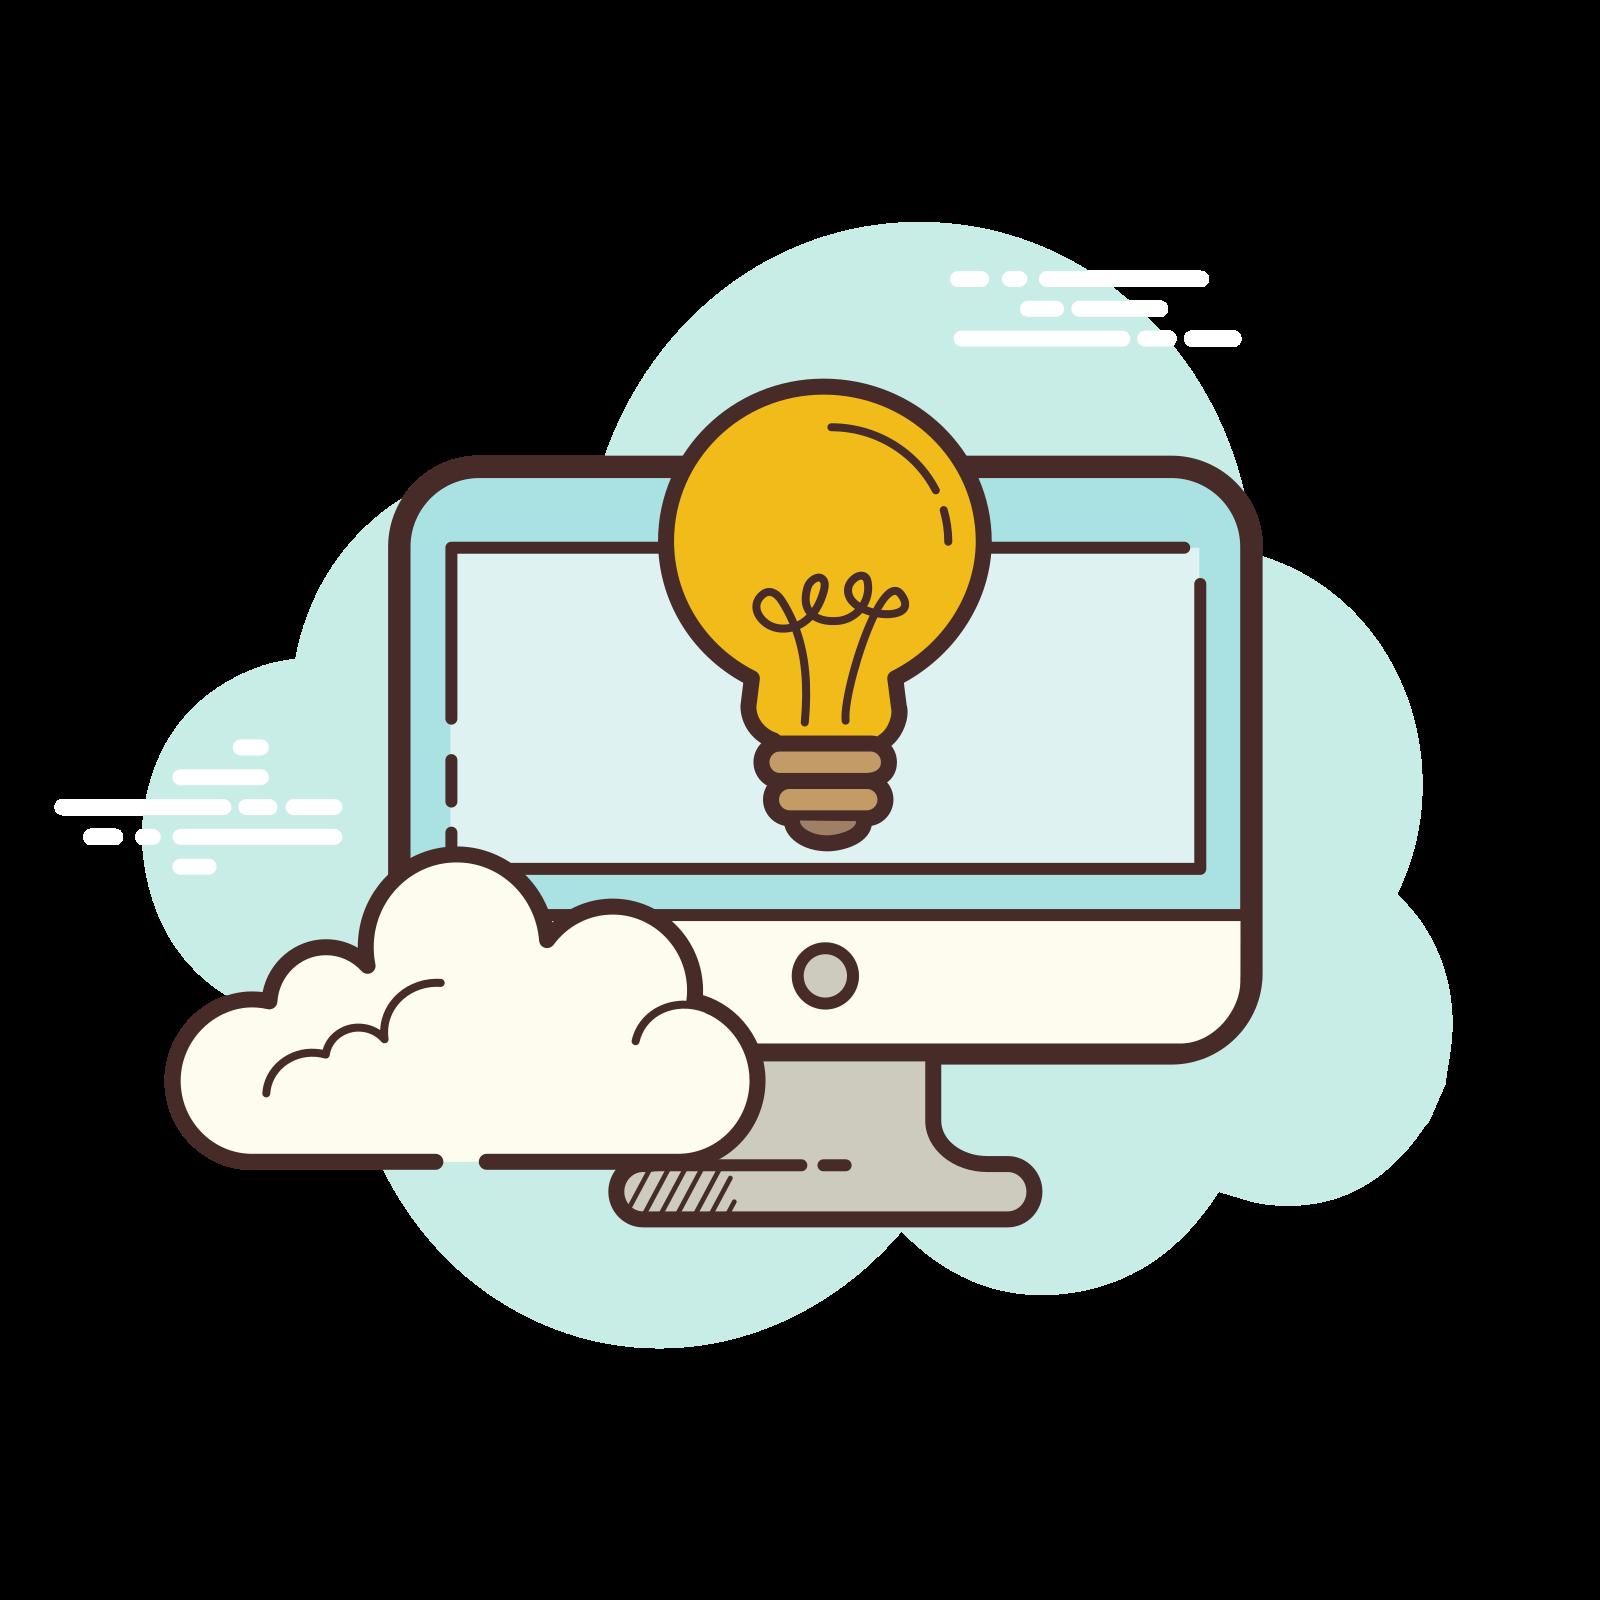 iMac Idea icon